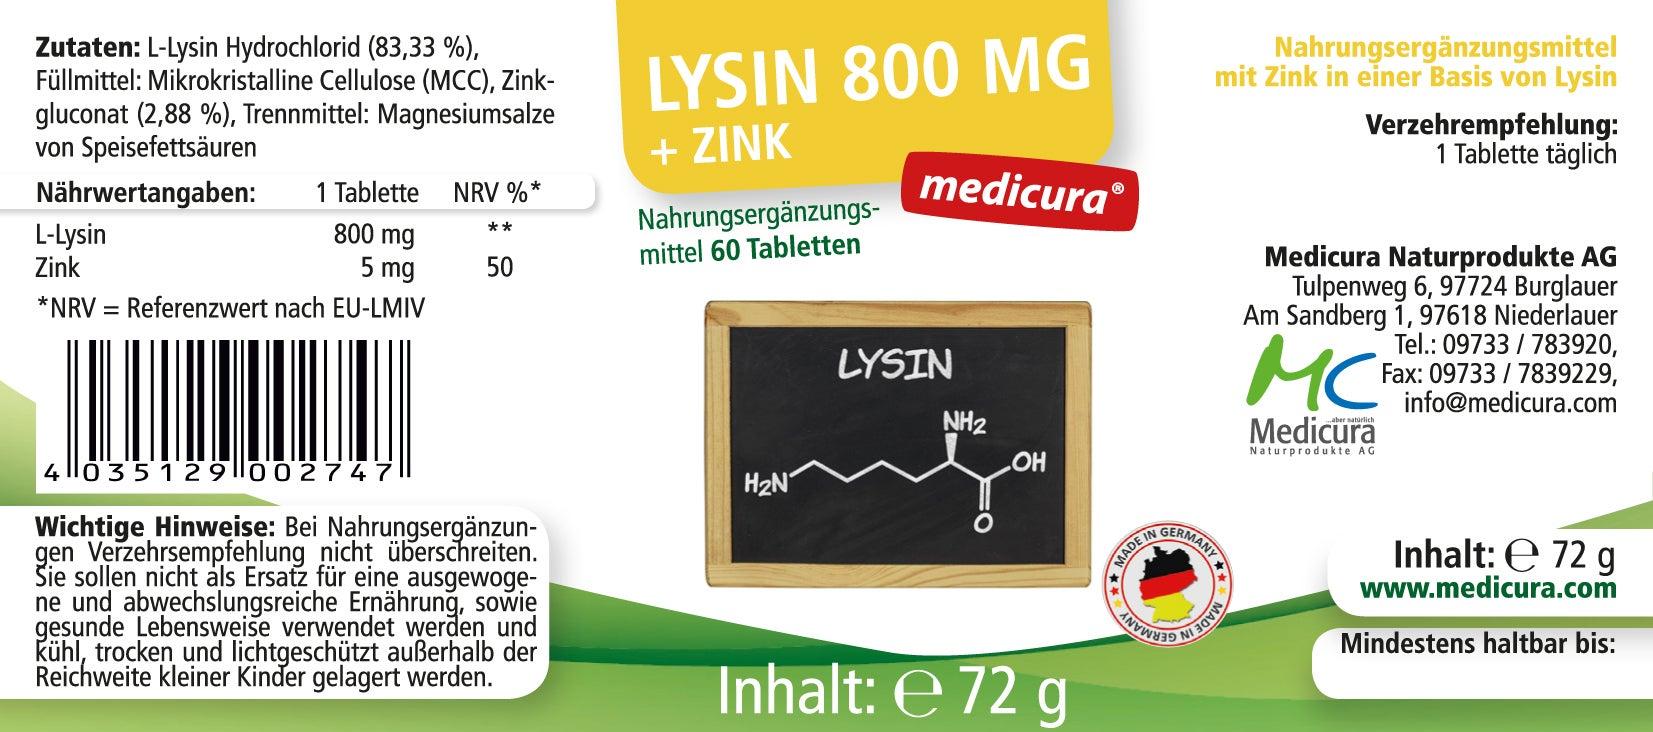 Lysin 800 mg + Zink - 60 Tabletten